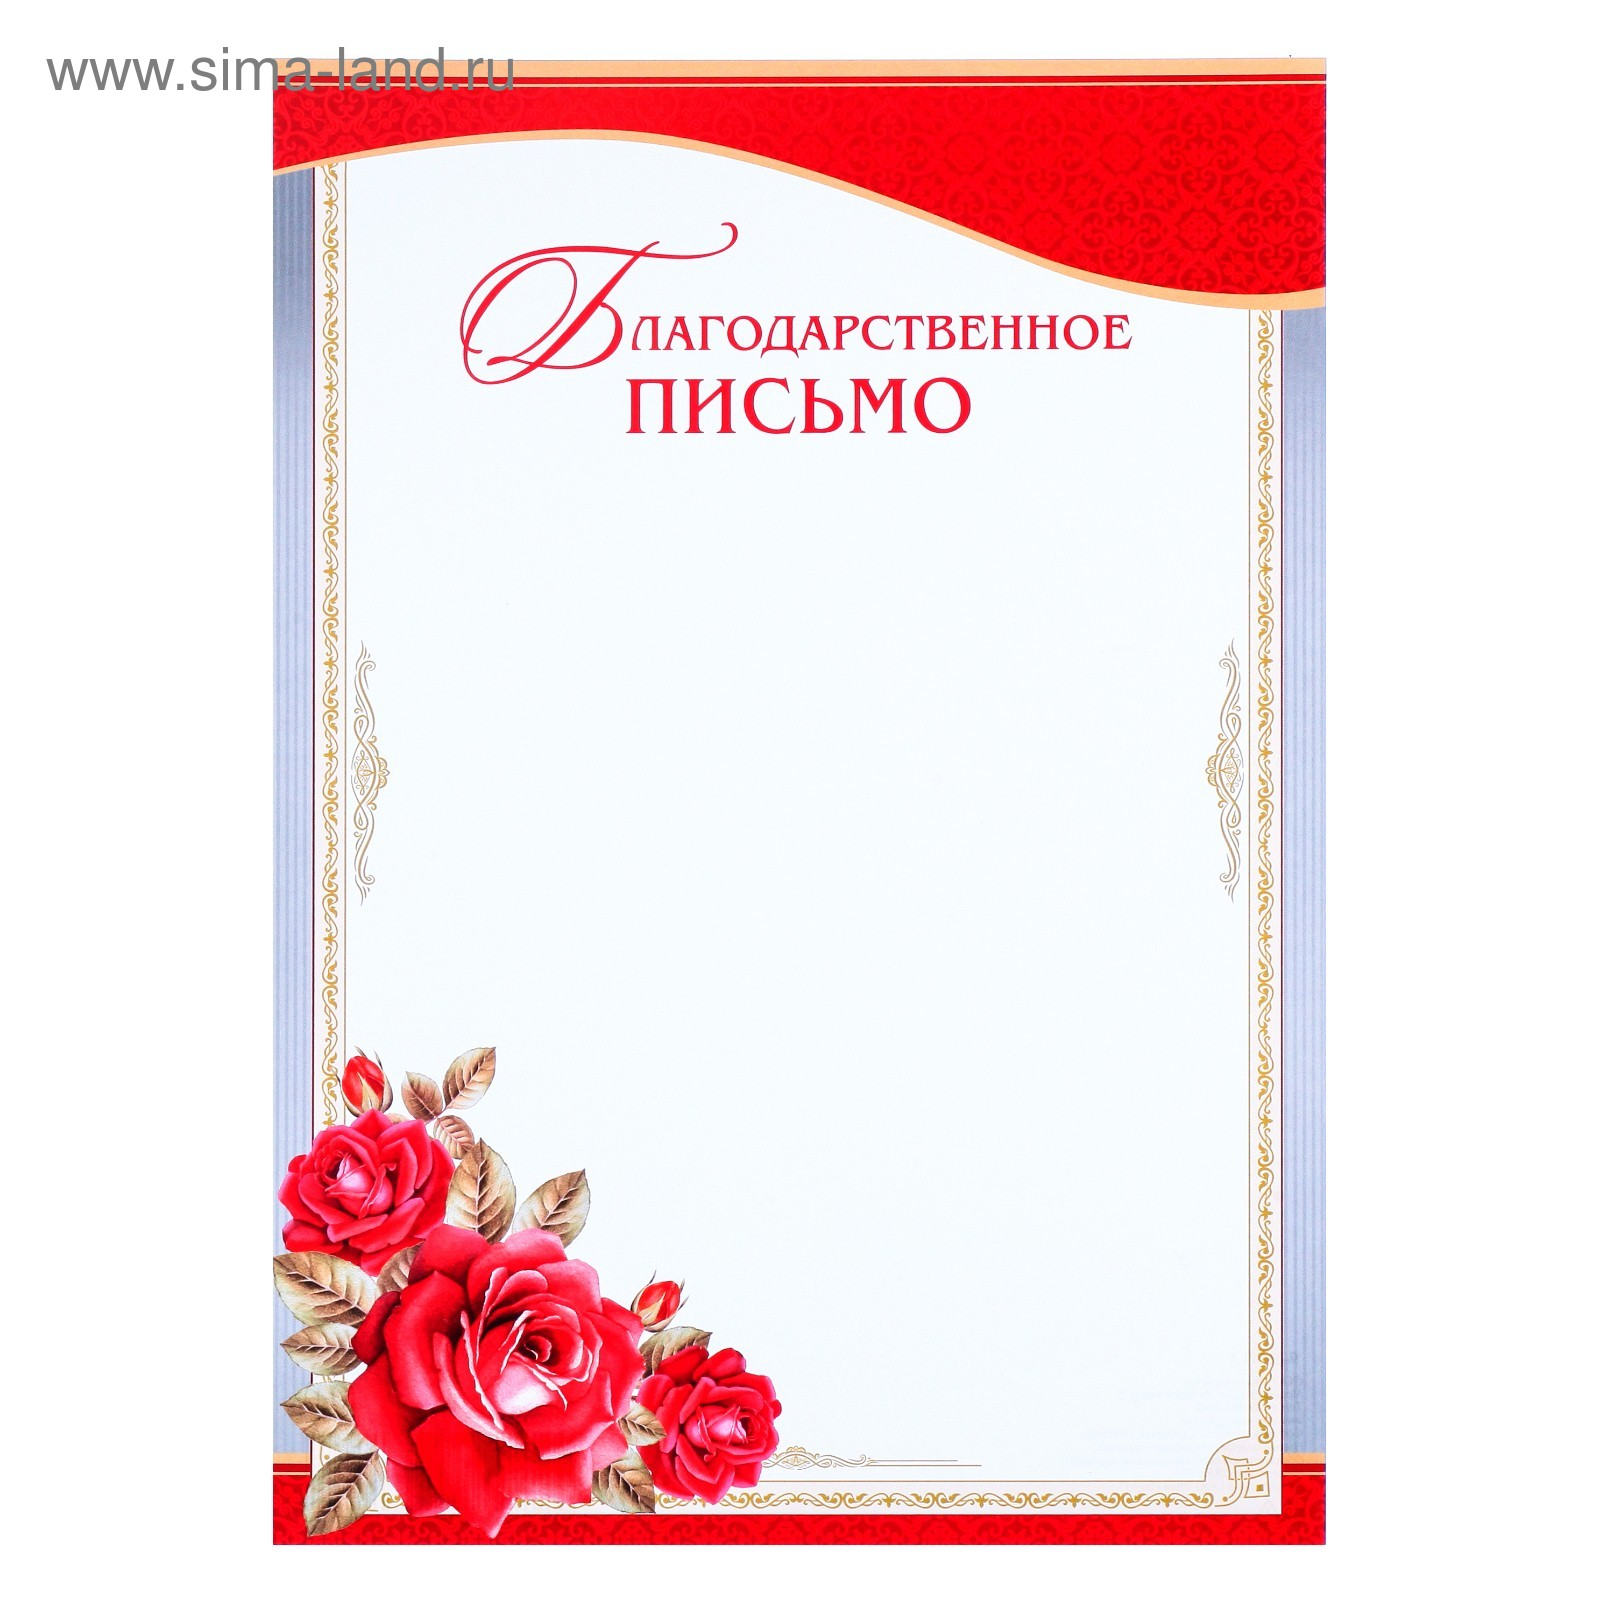 Картинки образец благодарственного письма